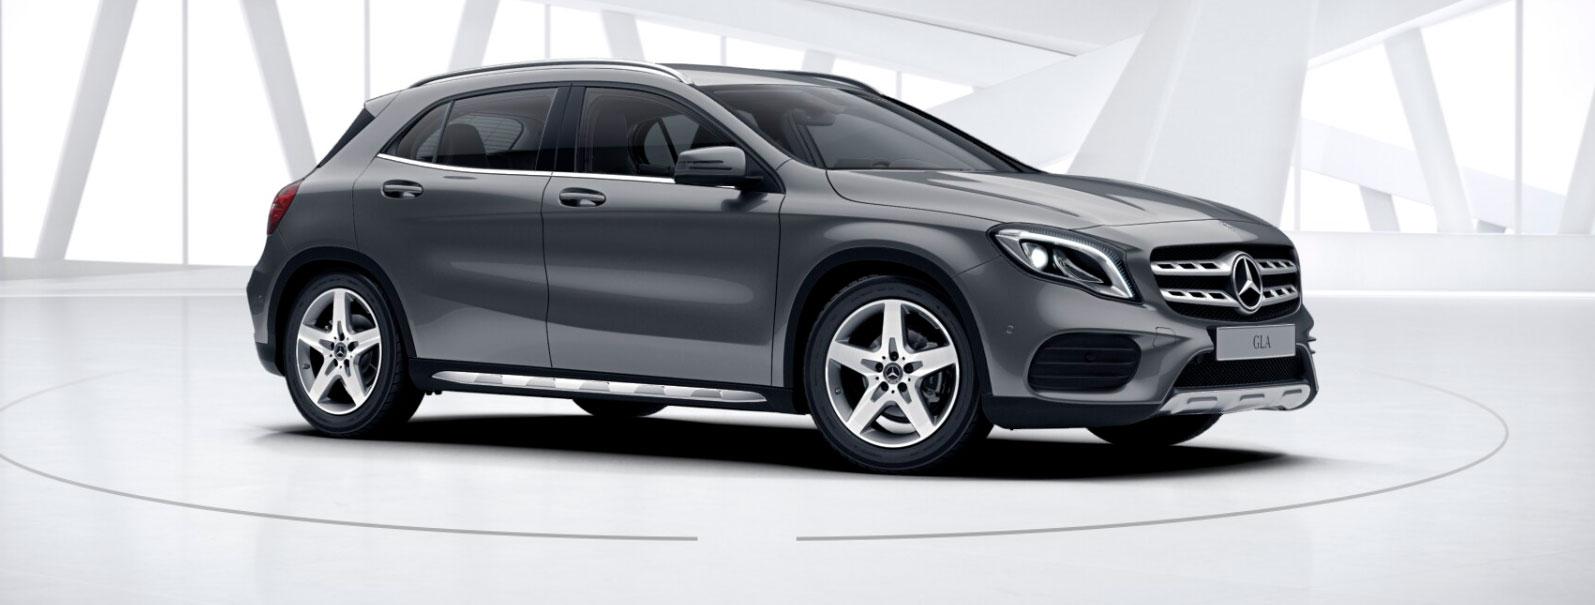 Mercedes-Benz GLA-Class 0852600796